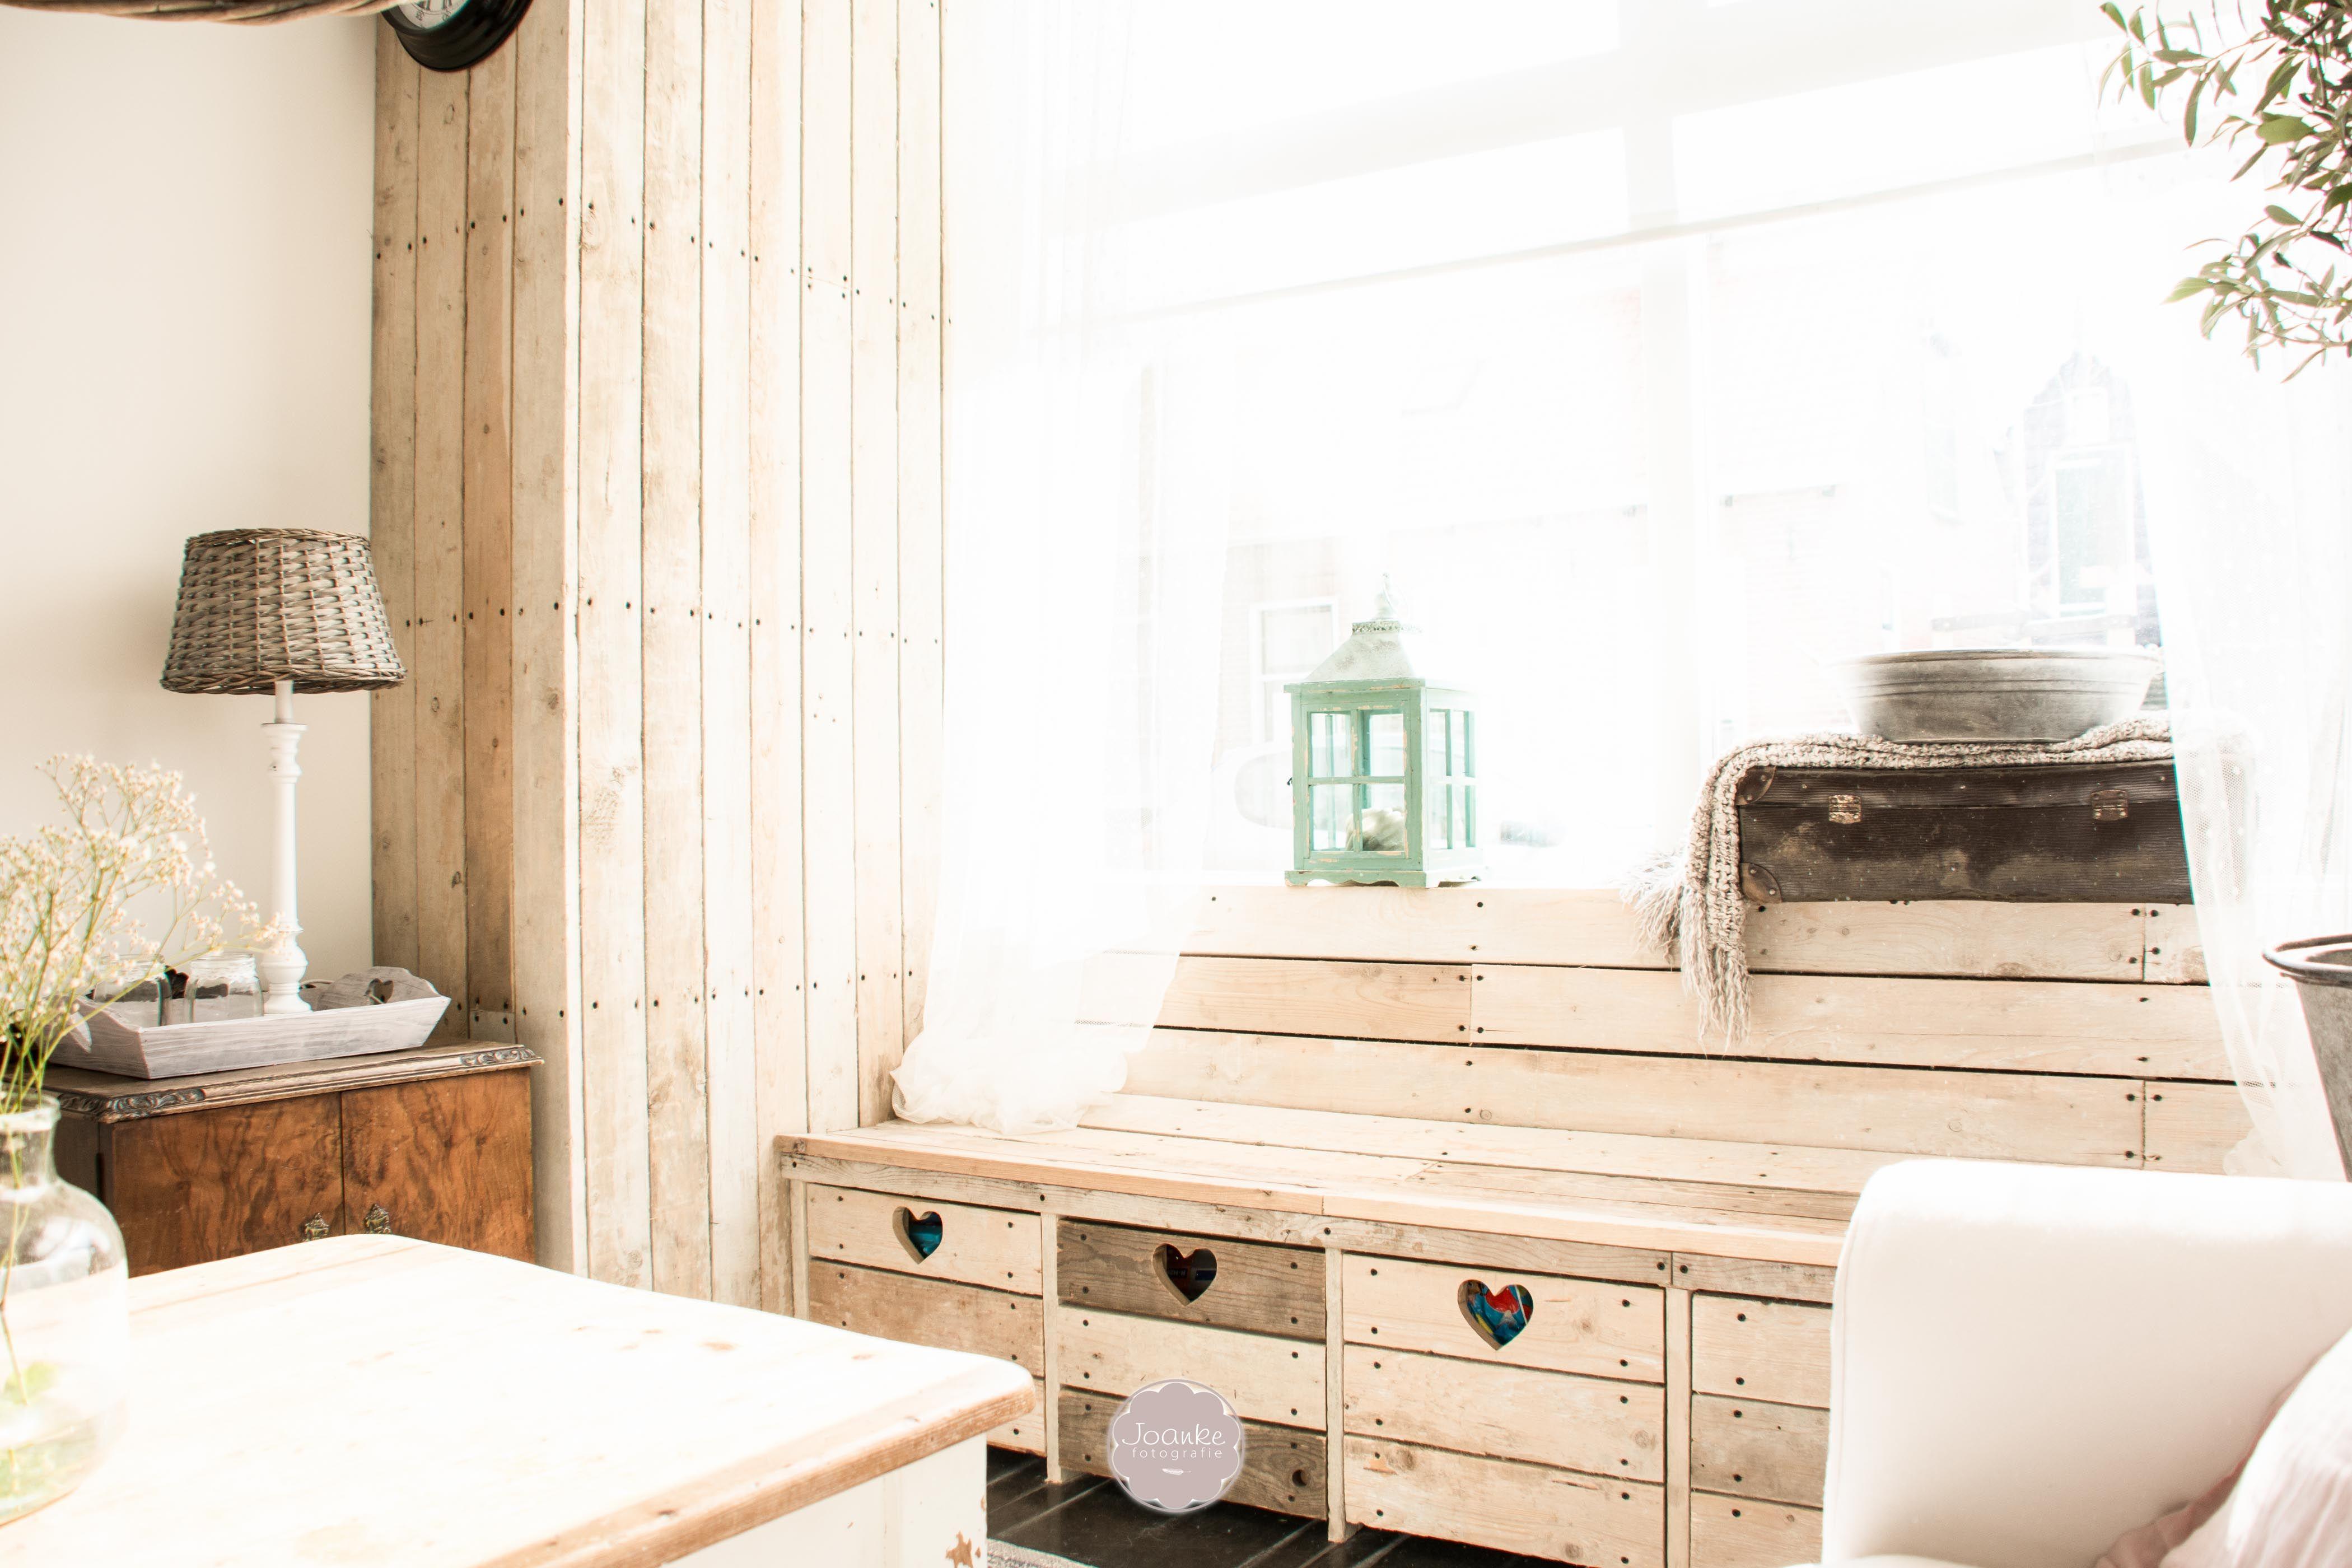 Een Sloophout Interieur : Raambankje sloophout woonkamer interieur